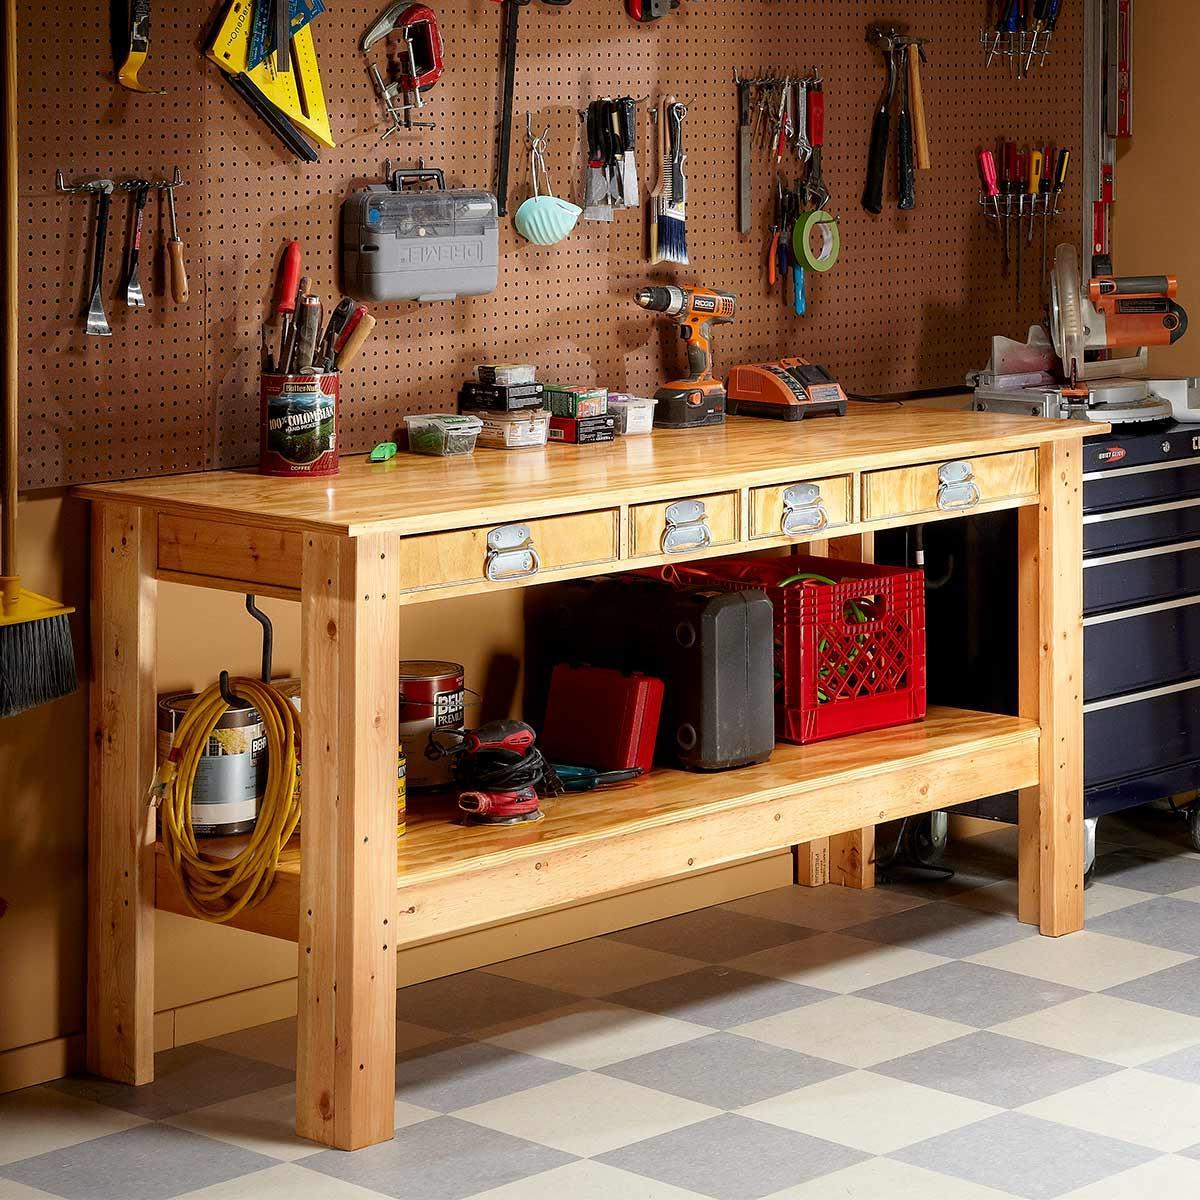 Столярная мастерская в гараже: как обустроить своими руками, инструменты